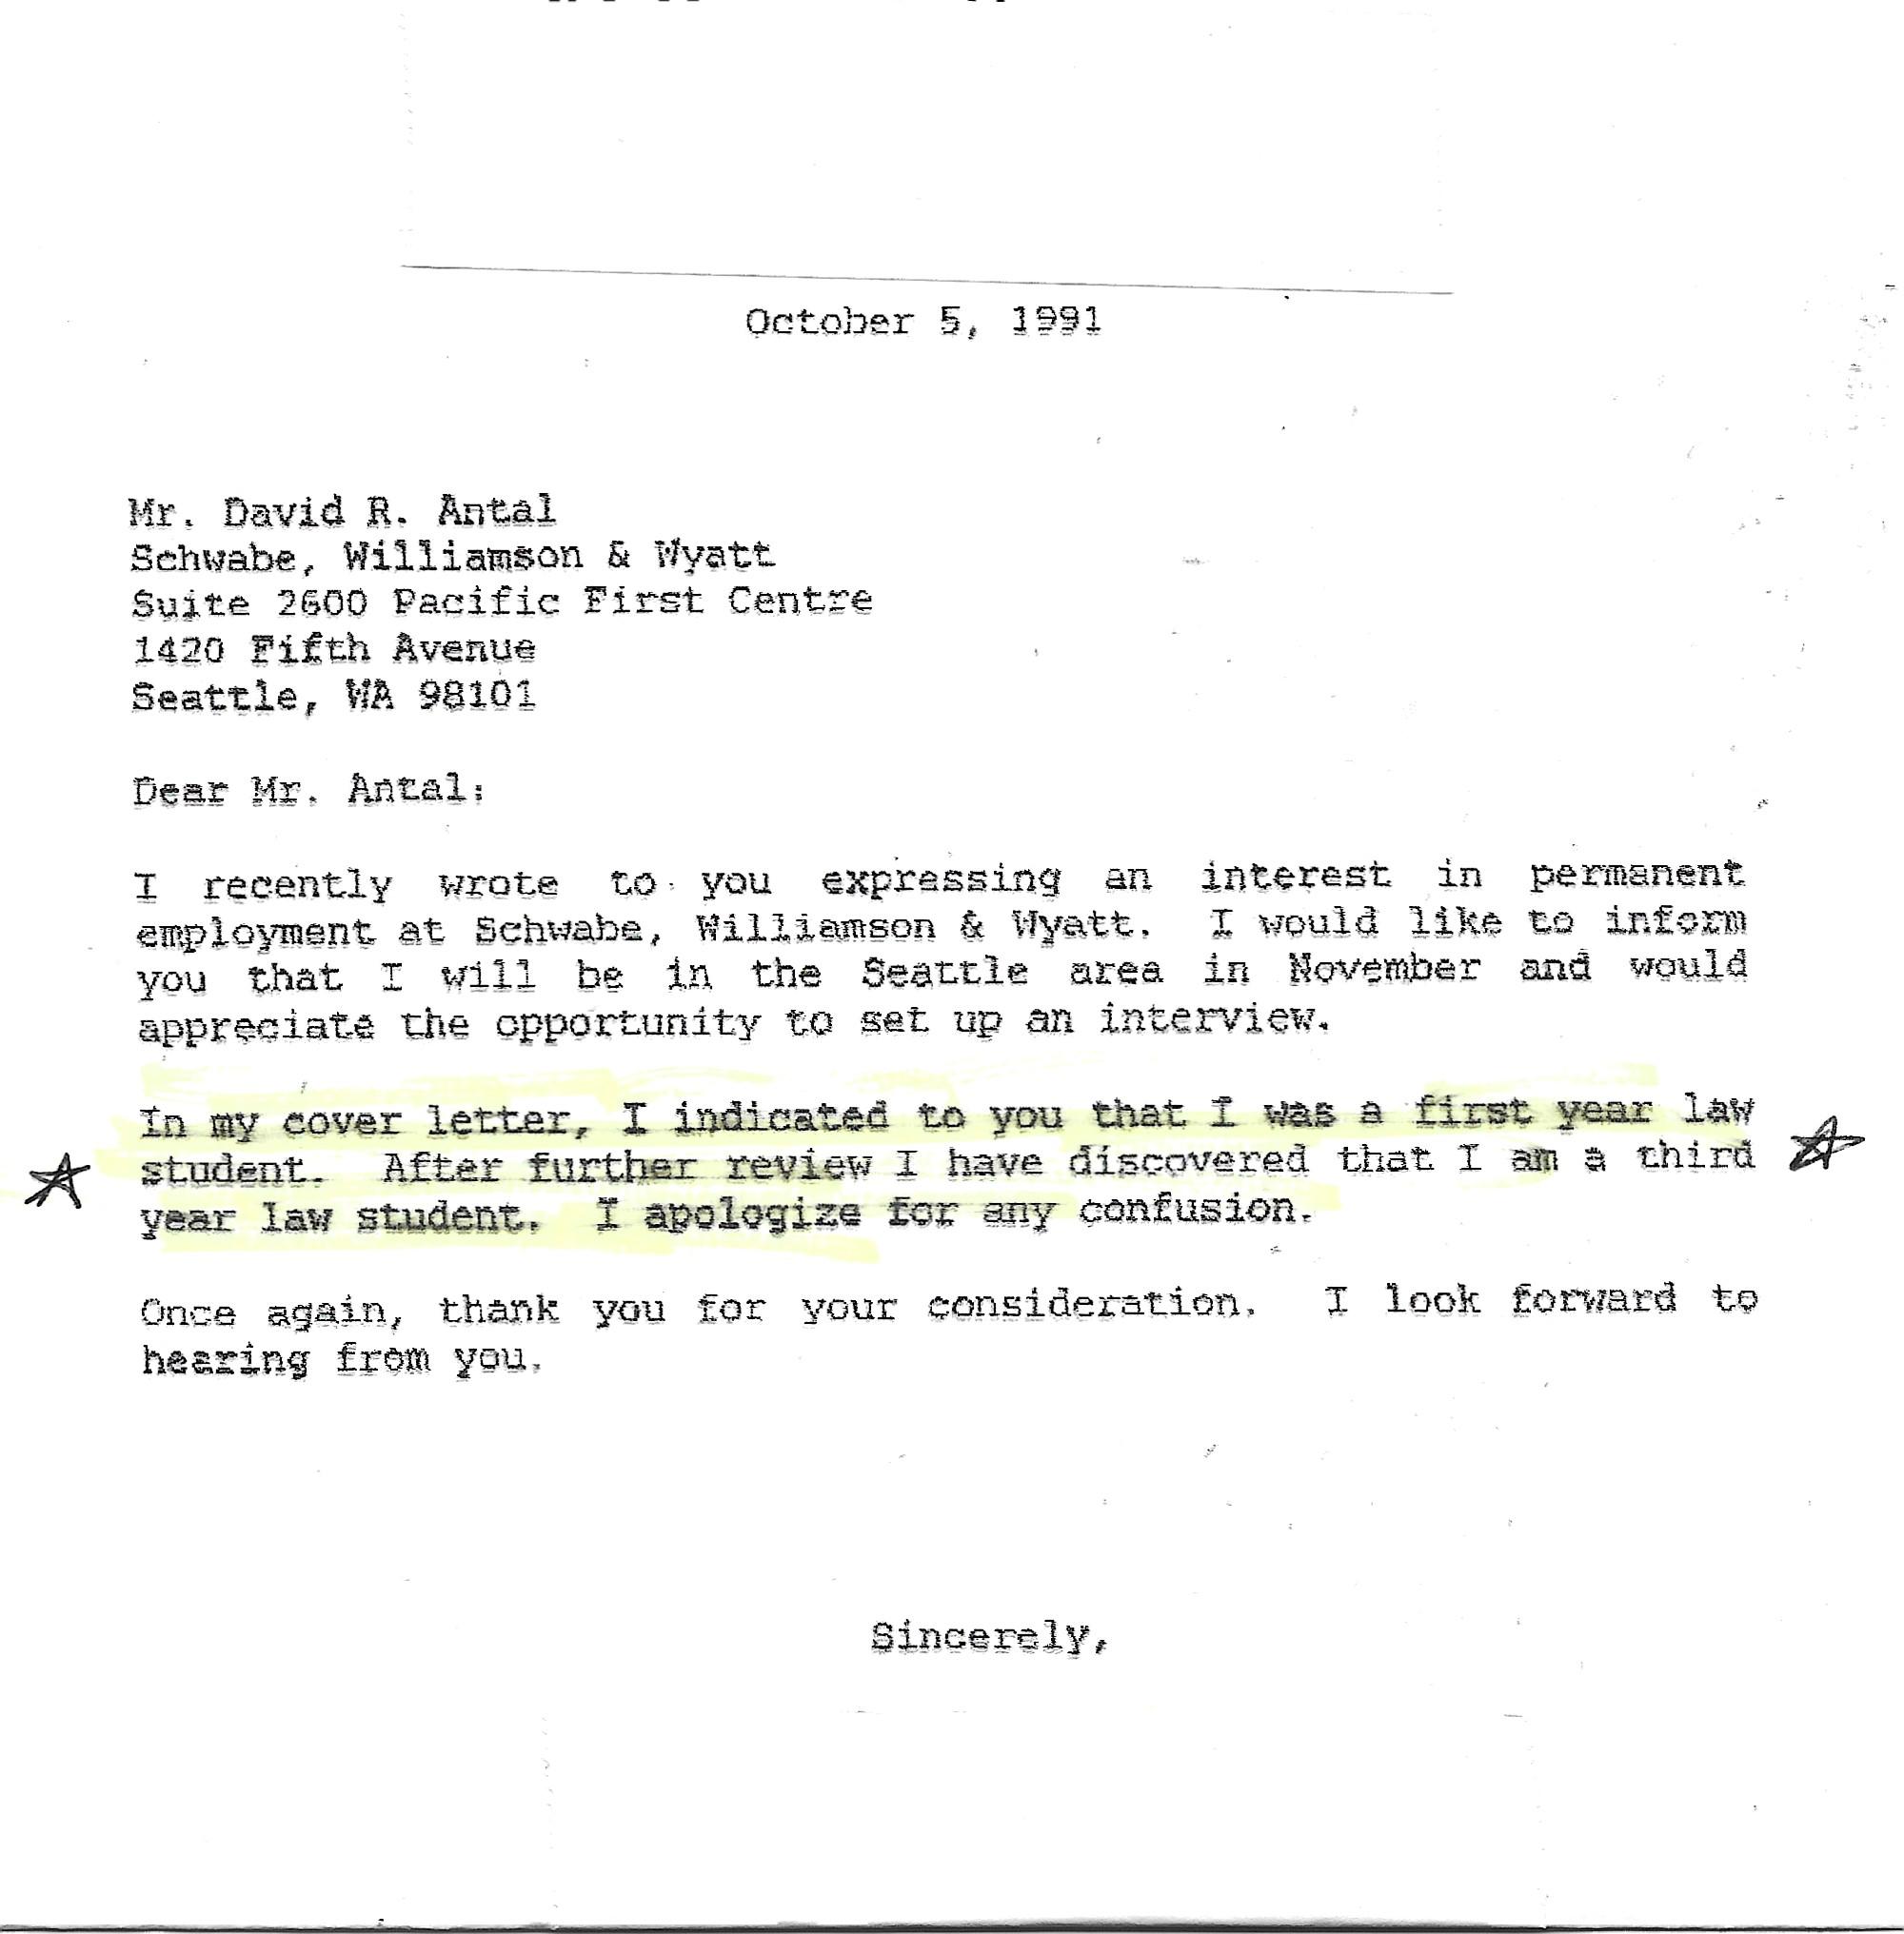 Law clerk letter 1